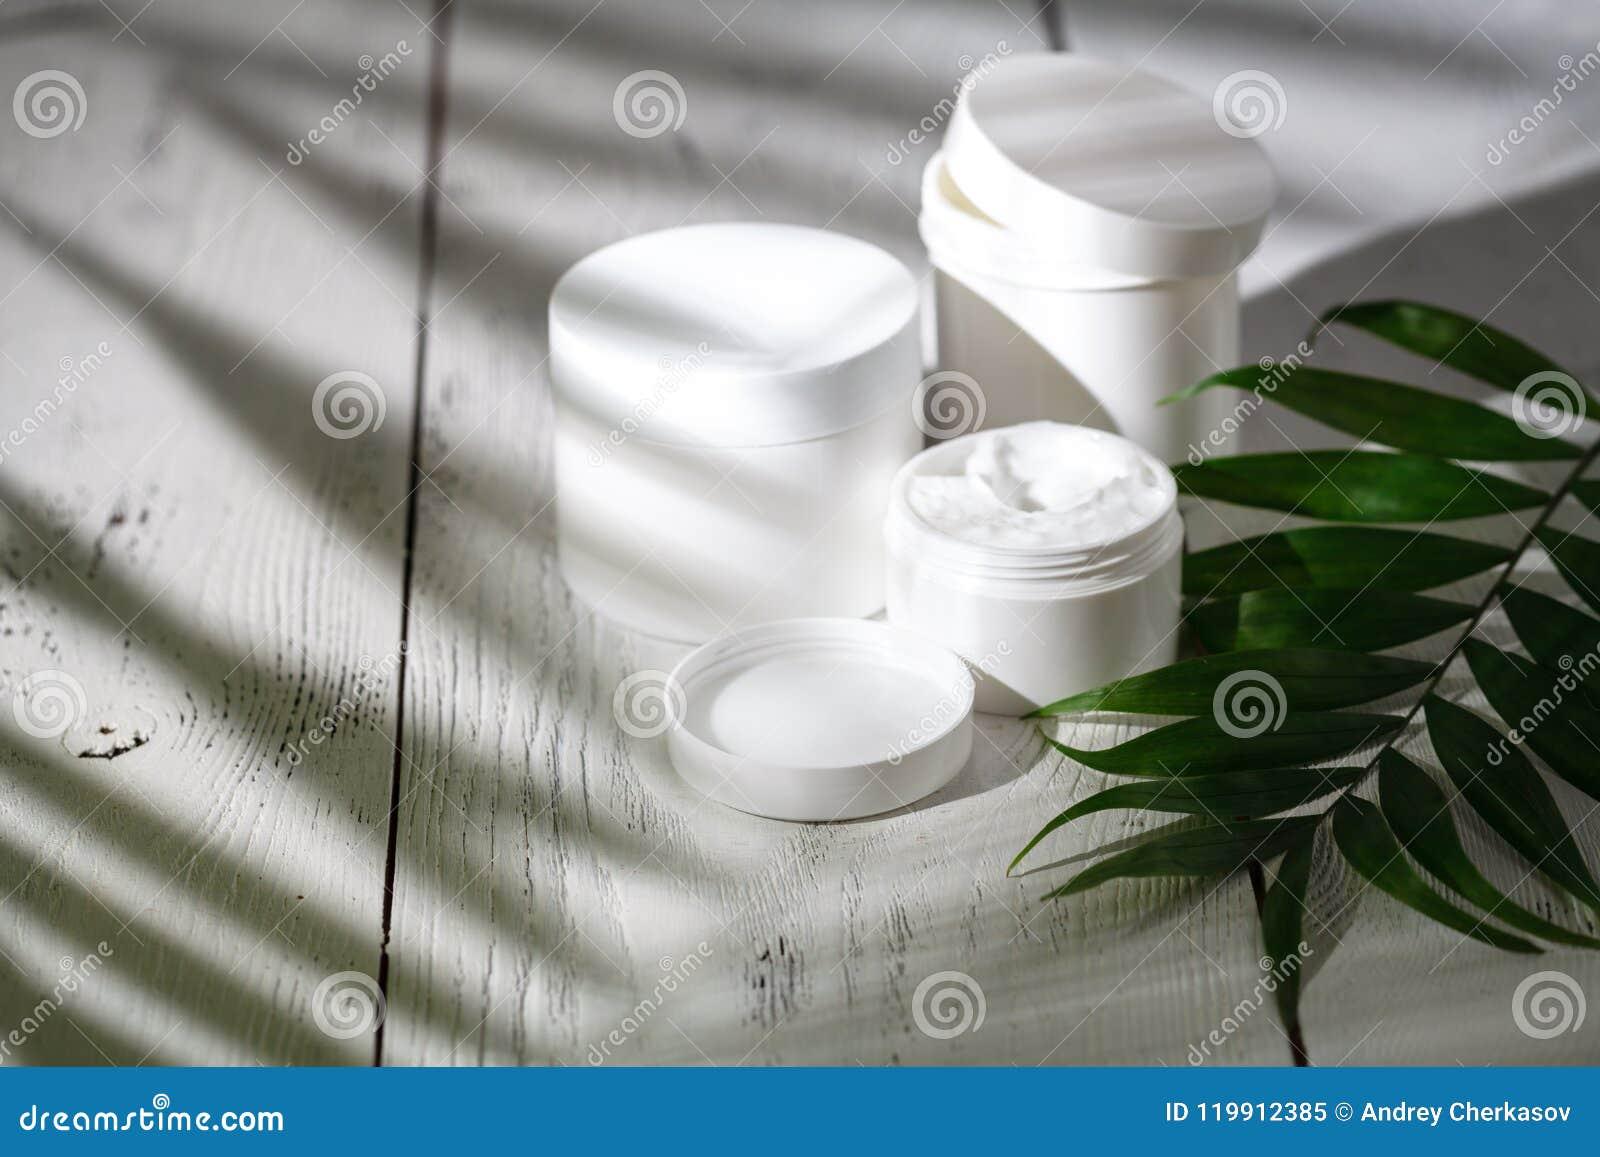 Natürliche organische Kosmetik für Haarpflege Badprodukte, Badezimmersatz